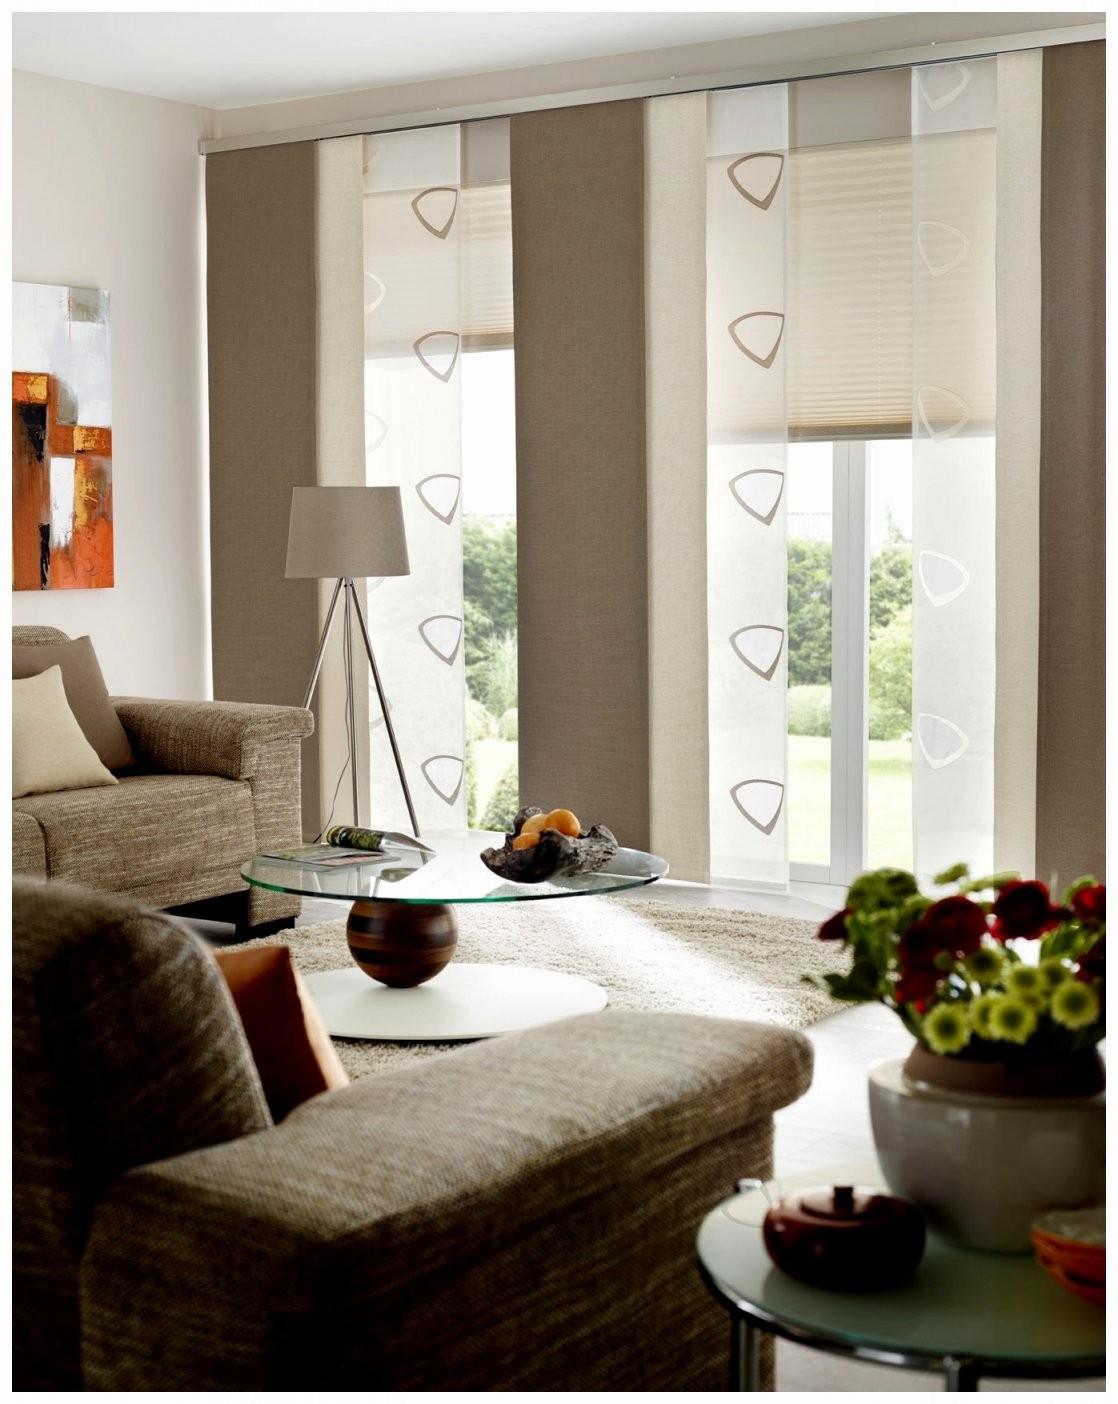 50 Einzigartig Zum Gardinen Für Grosse Terrassenfenster Planen von Gardinen Für Terrassentür Und Fenster Bild